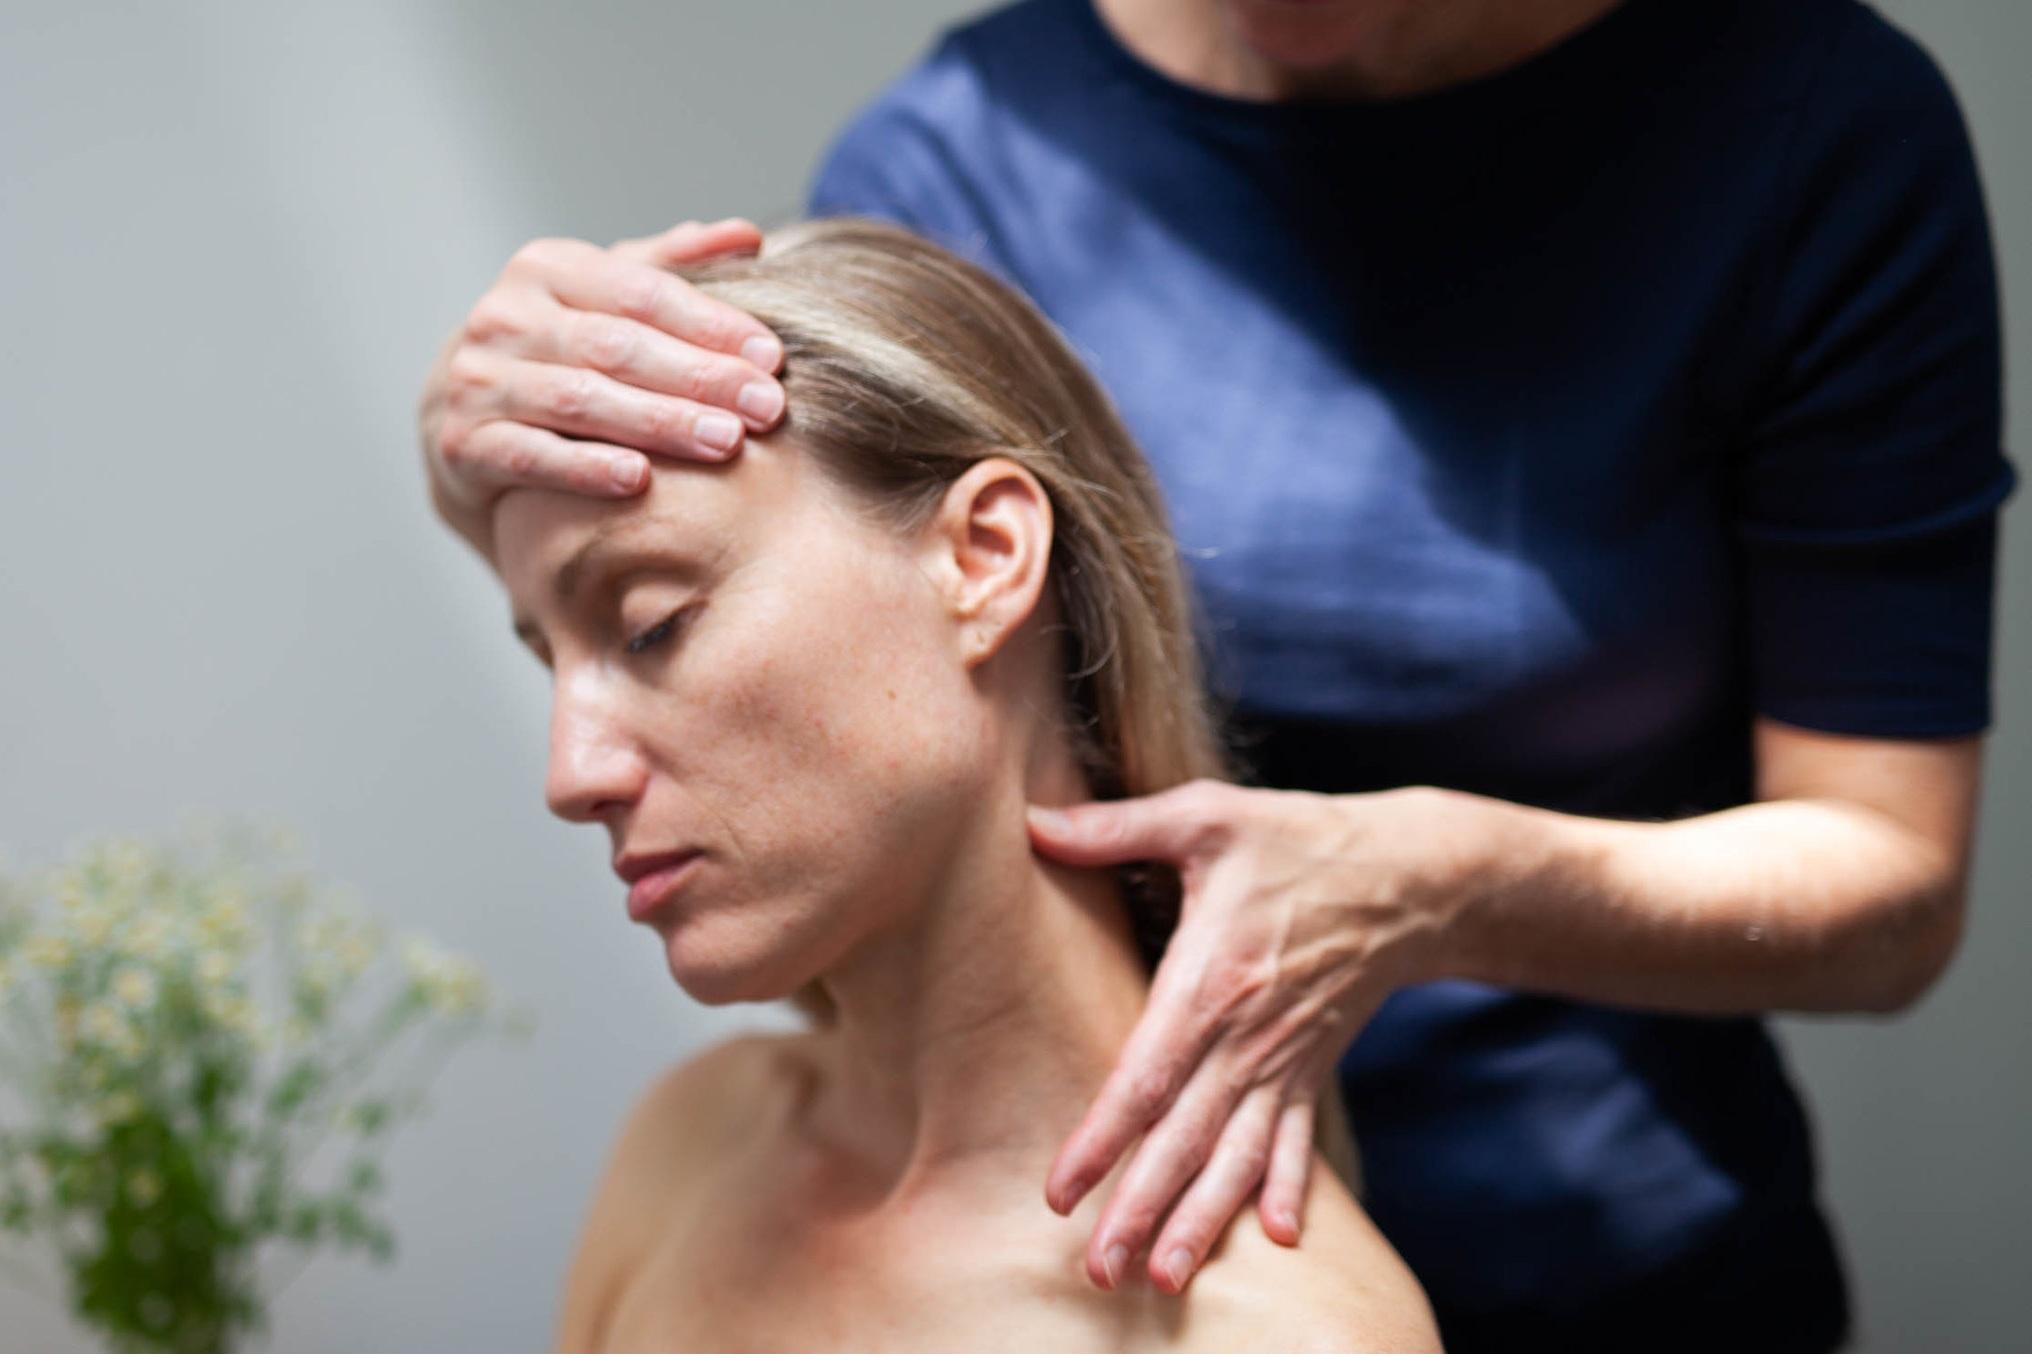 %C2%A9natashabidgood-lisa-massage-6725.jpg